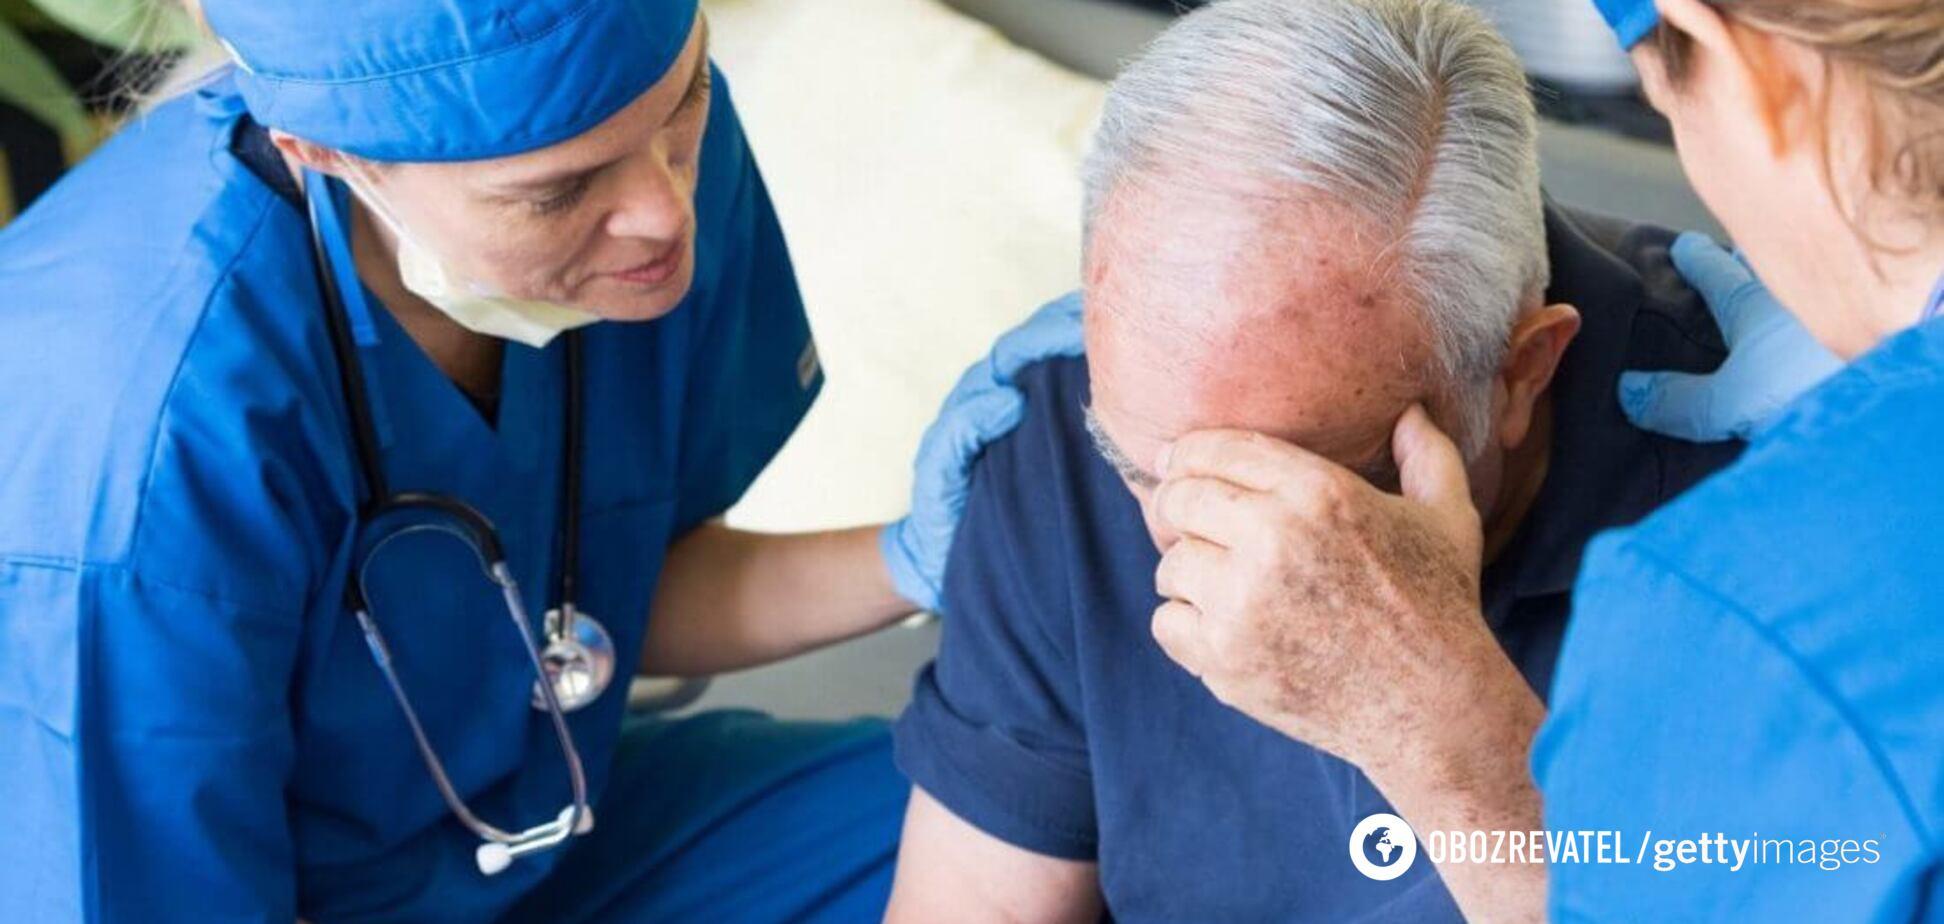 Реабілітація після інсульту: європейські лікарі поділились настановами